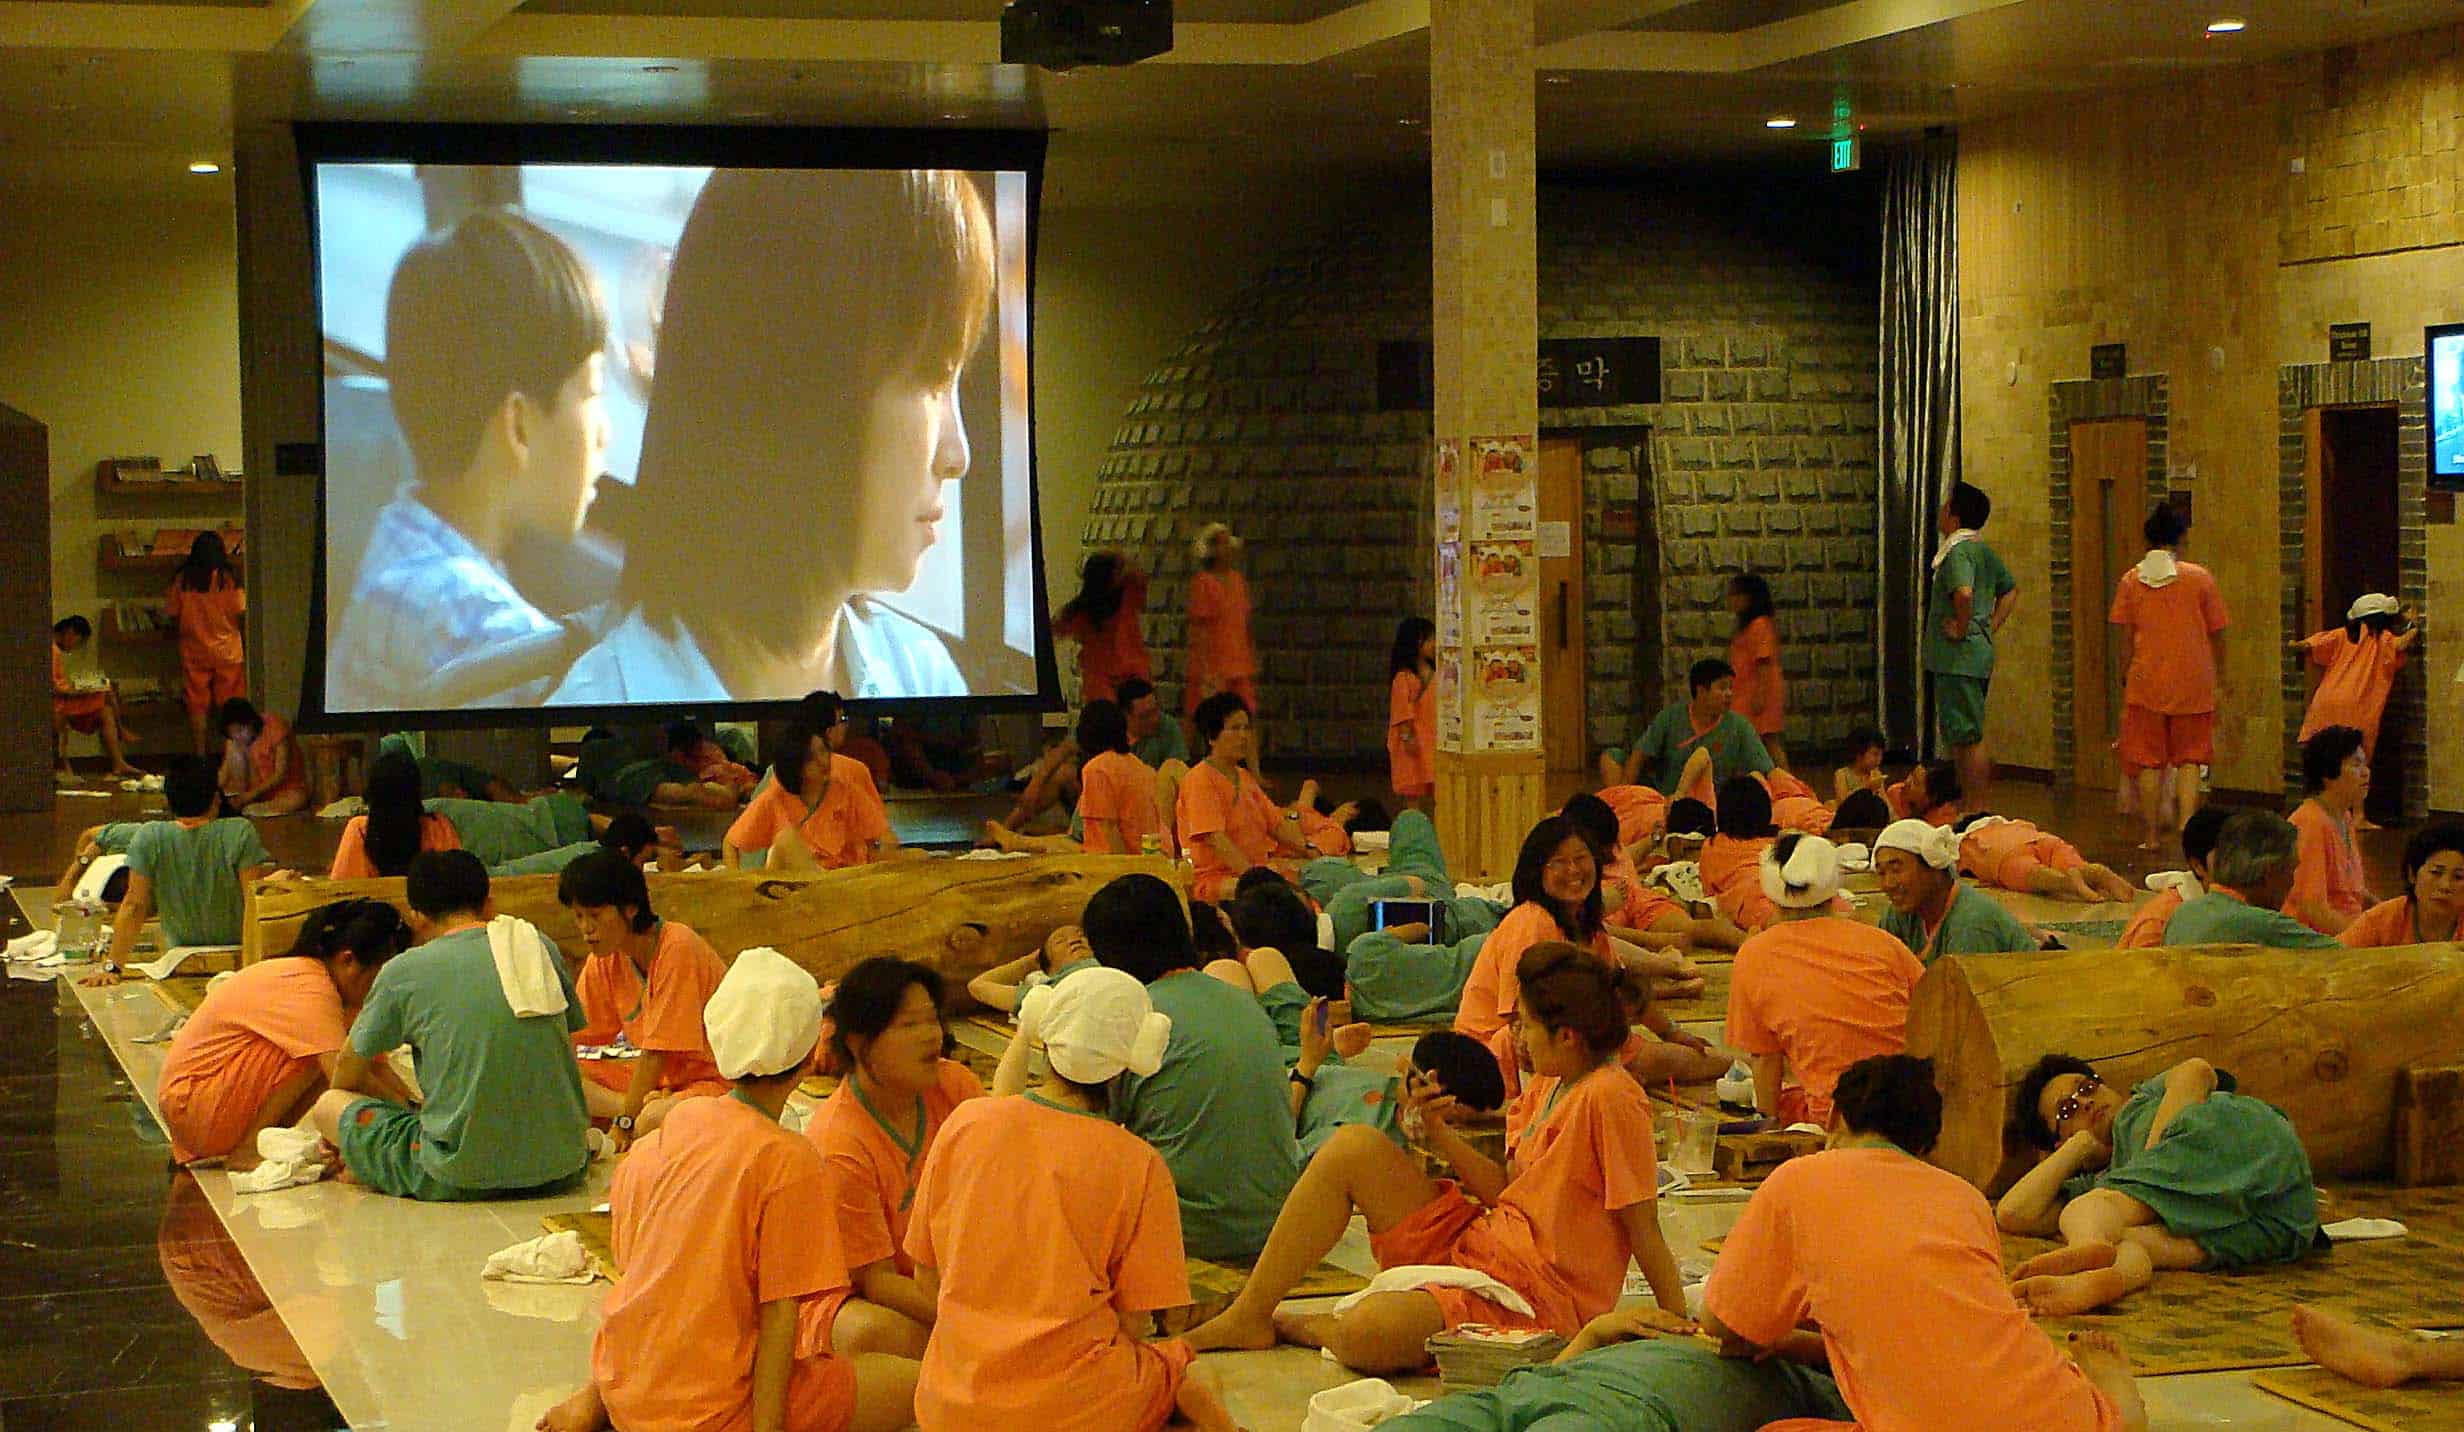 Du-lịch-Hàn-Quốc-1-lần-trong-đời-Văn-hóa-Hàn-Quốc-Jimjilbang